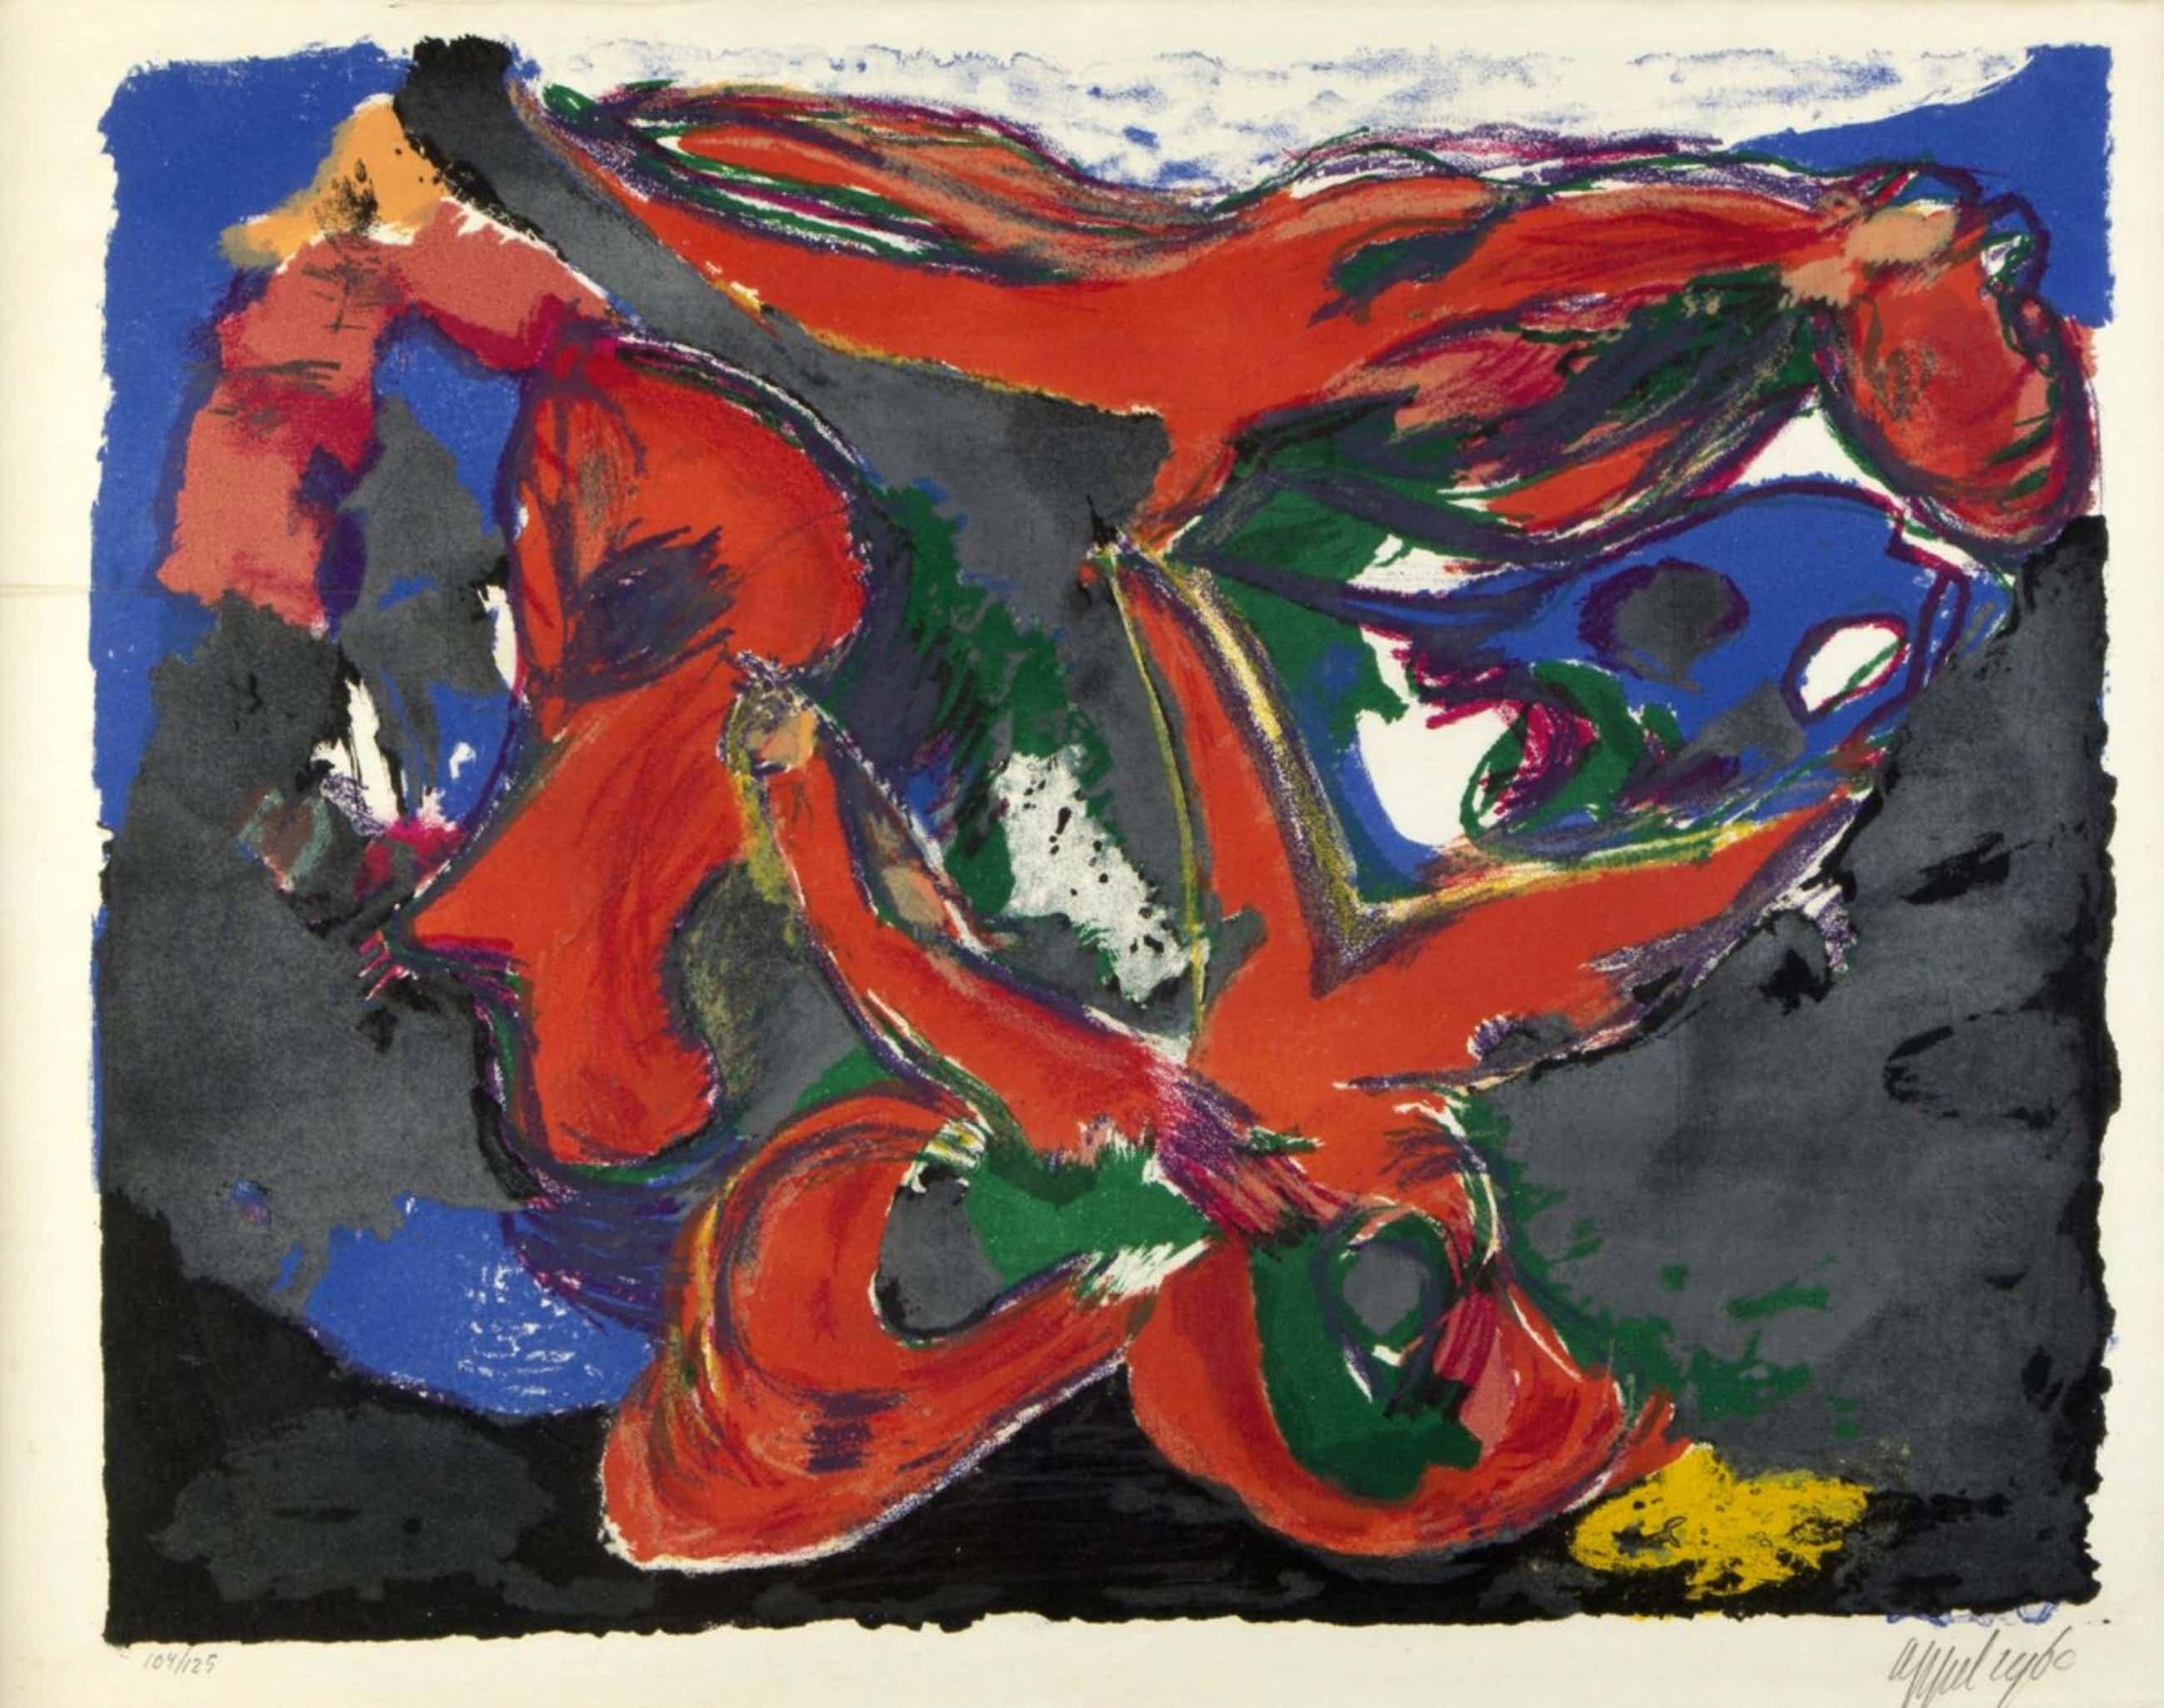 """Karel Appel - """"Faune nocturne"""" - litho uit 1960 kopen? Bied vanaf 700!"""